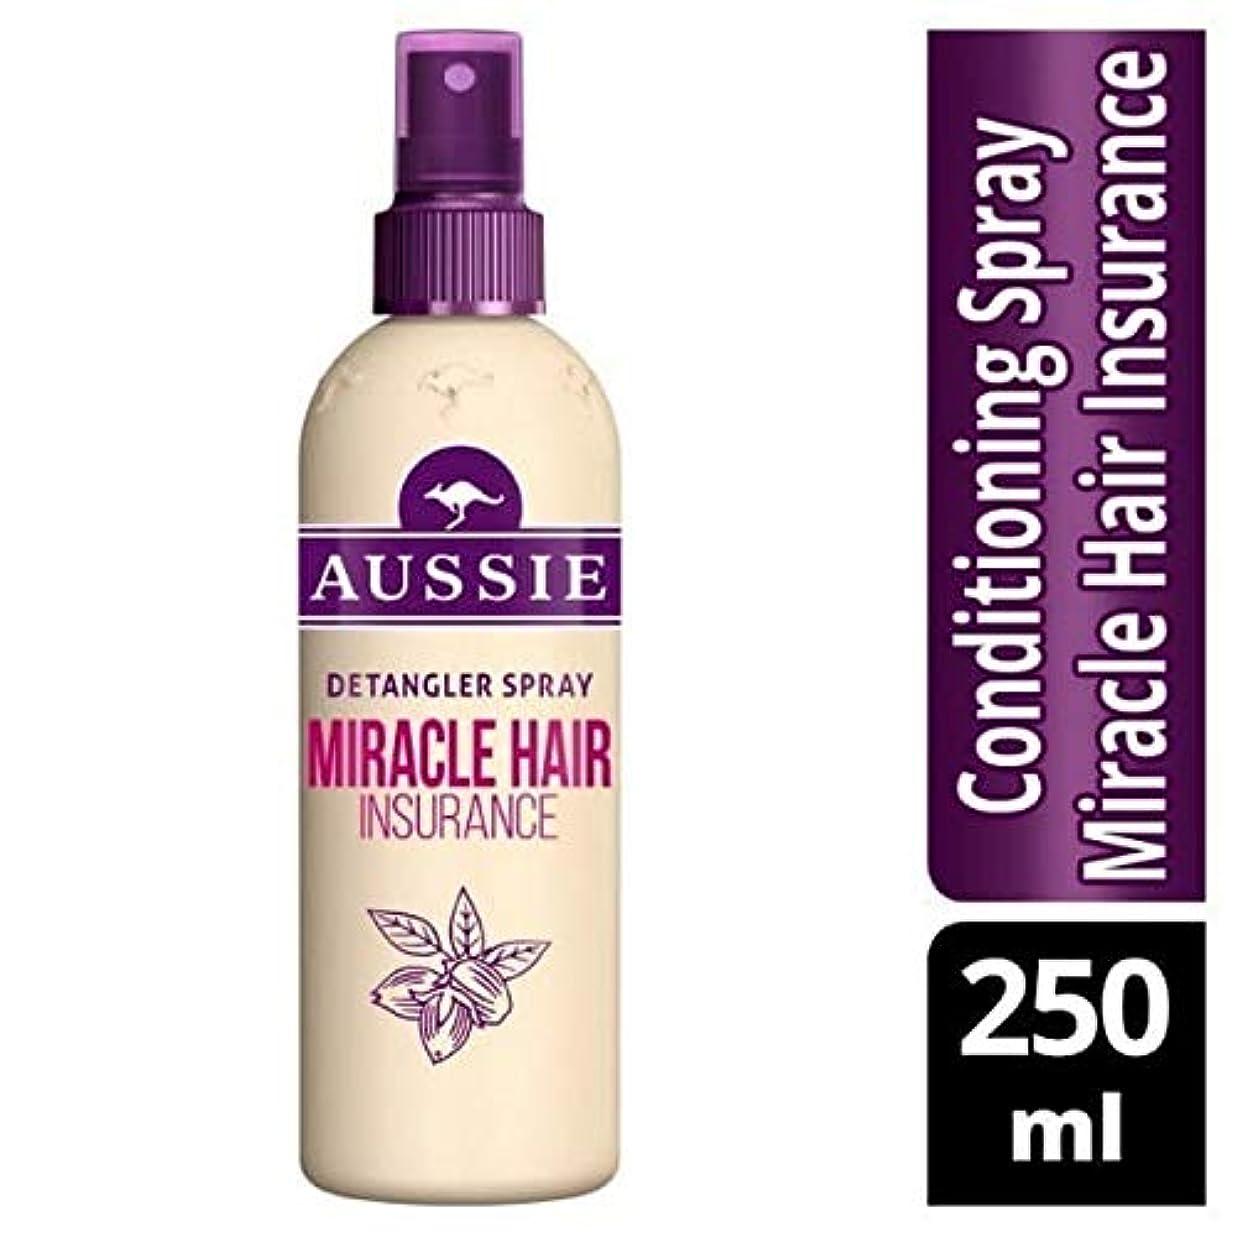 恩赦タンパク質成功する[Aussie ] オーストラリアの奇跡髪保険Detanglerスプレー250ミリリットル - Aussie Miracle Hair Insurance Detangler Spray 250ml [並行輸入品]